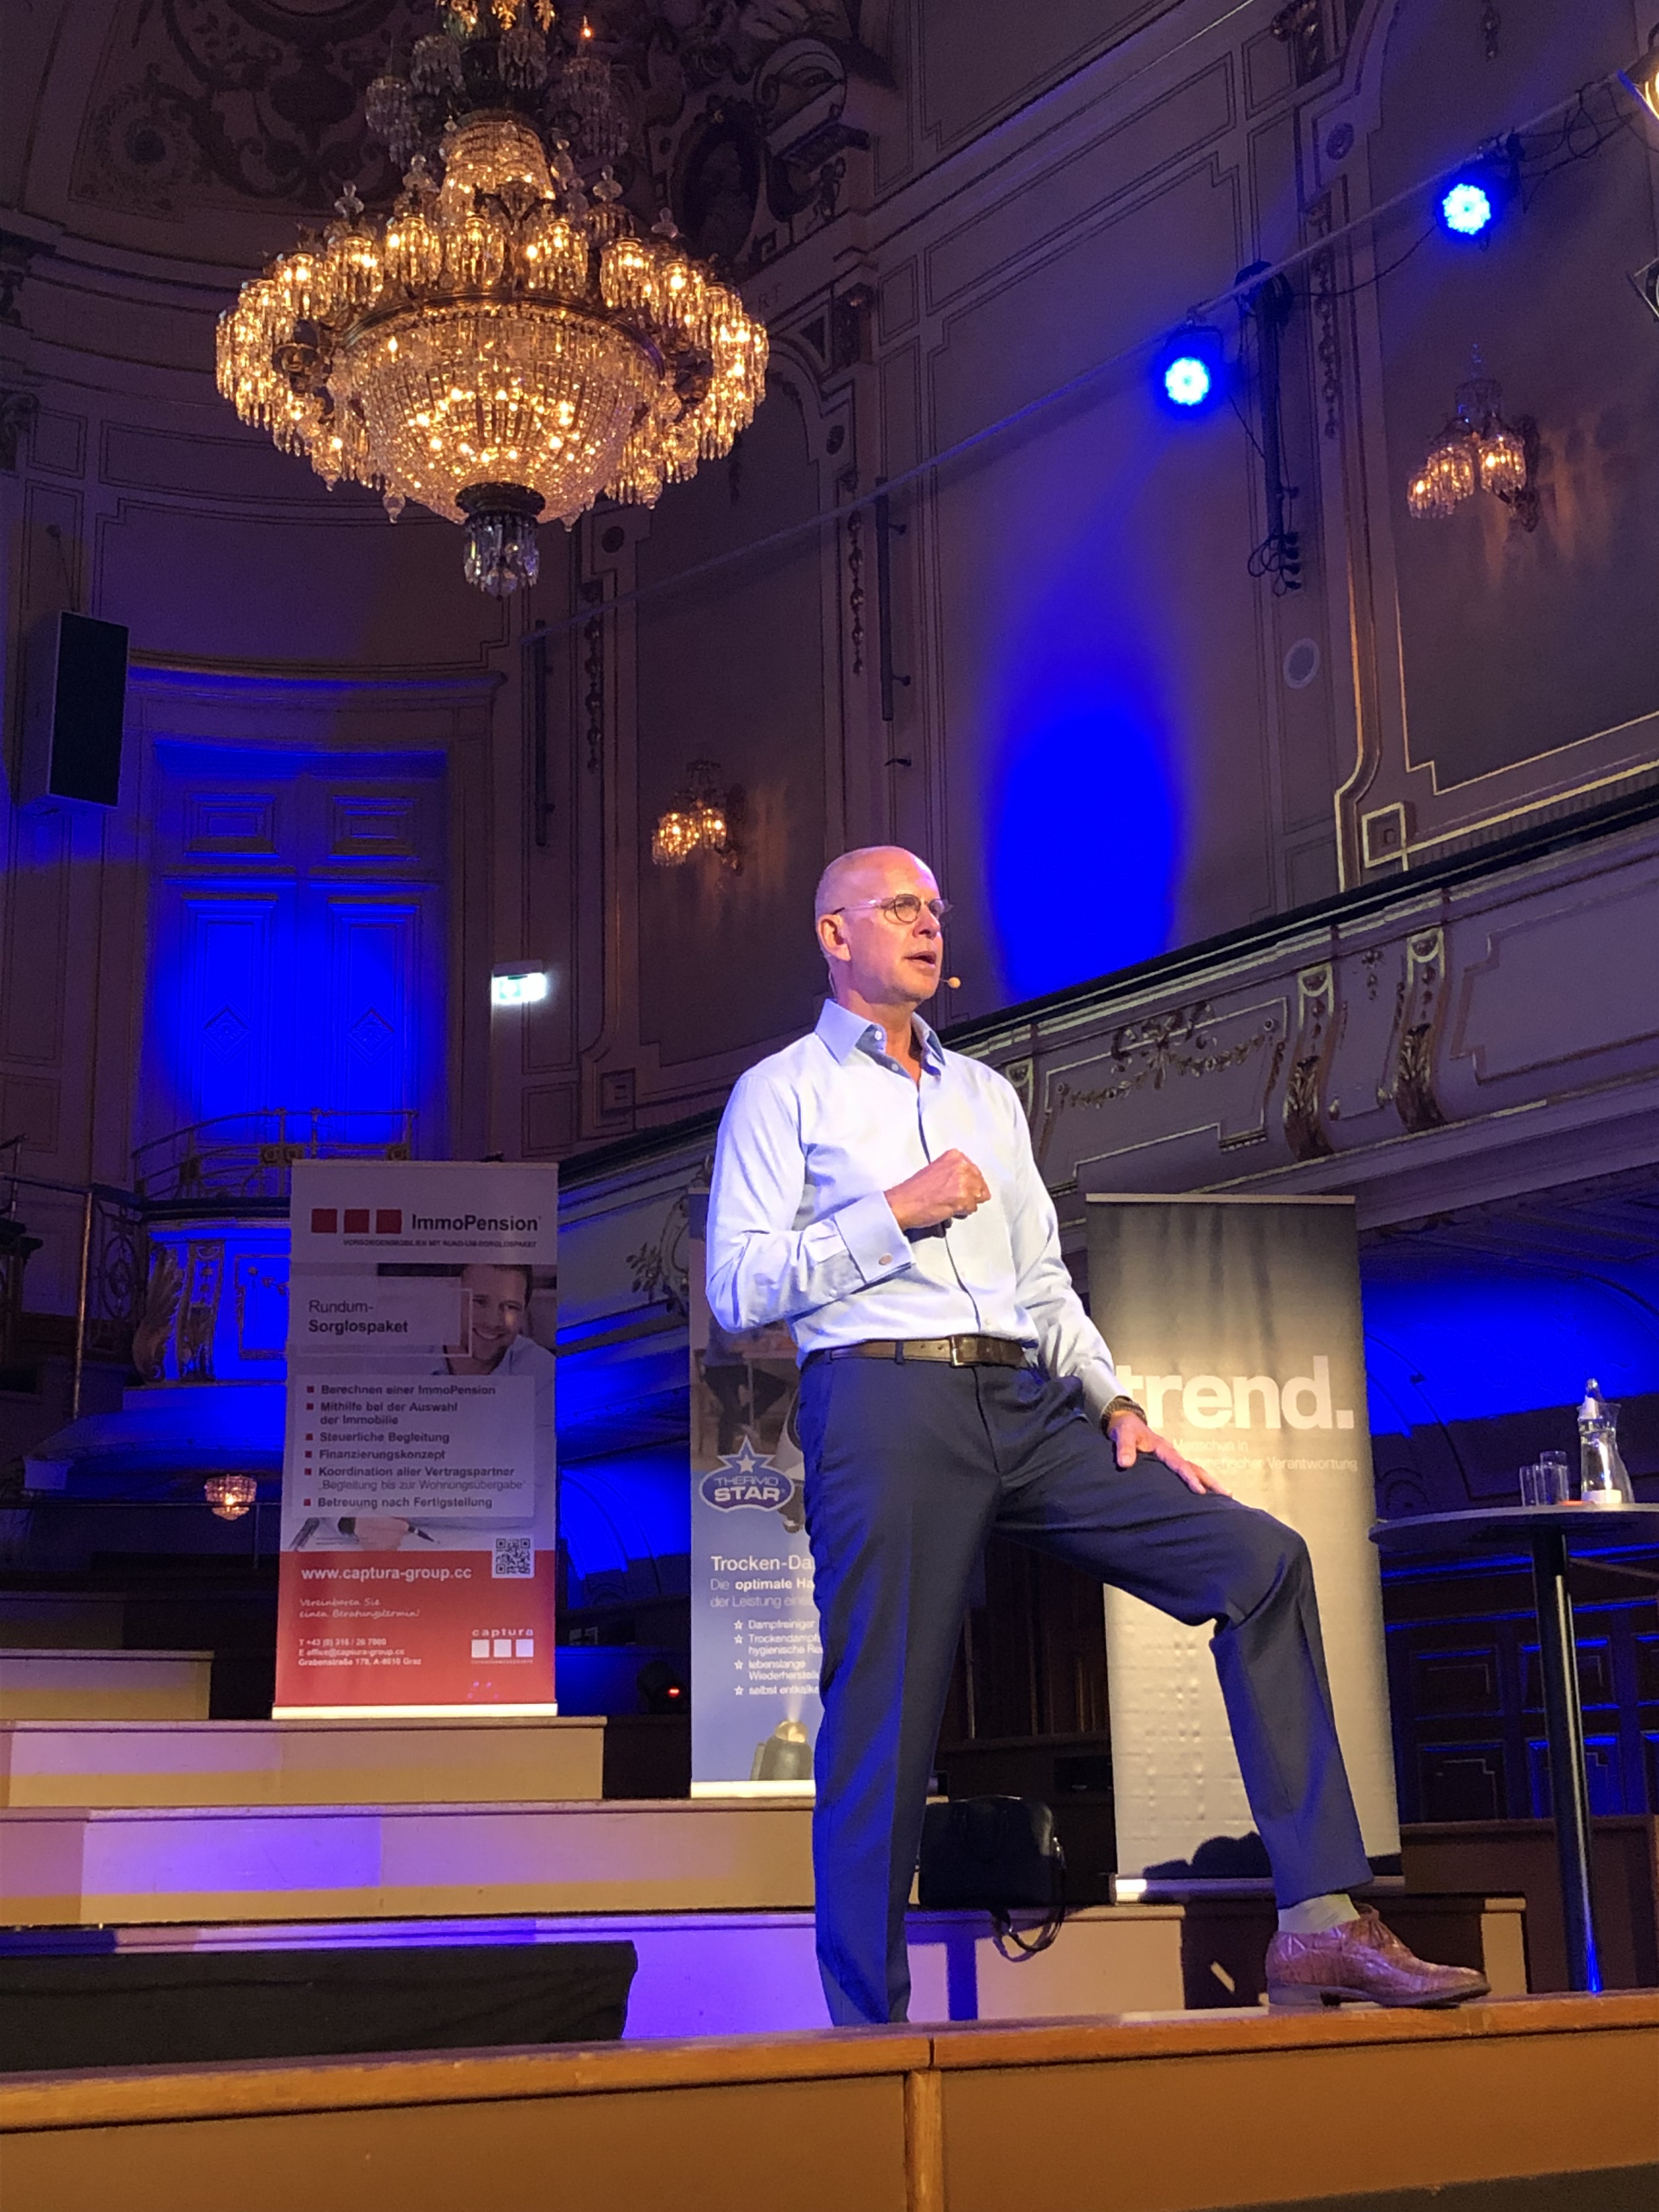 Ein voller Erfolg: der 4. Fresh Content Congress von Harald Kopeter in Graz